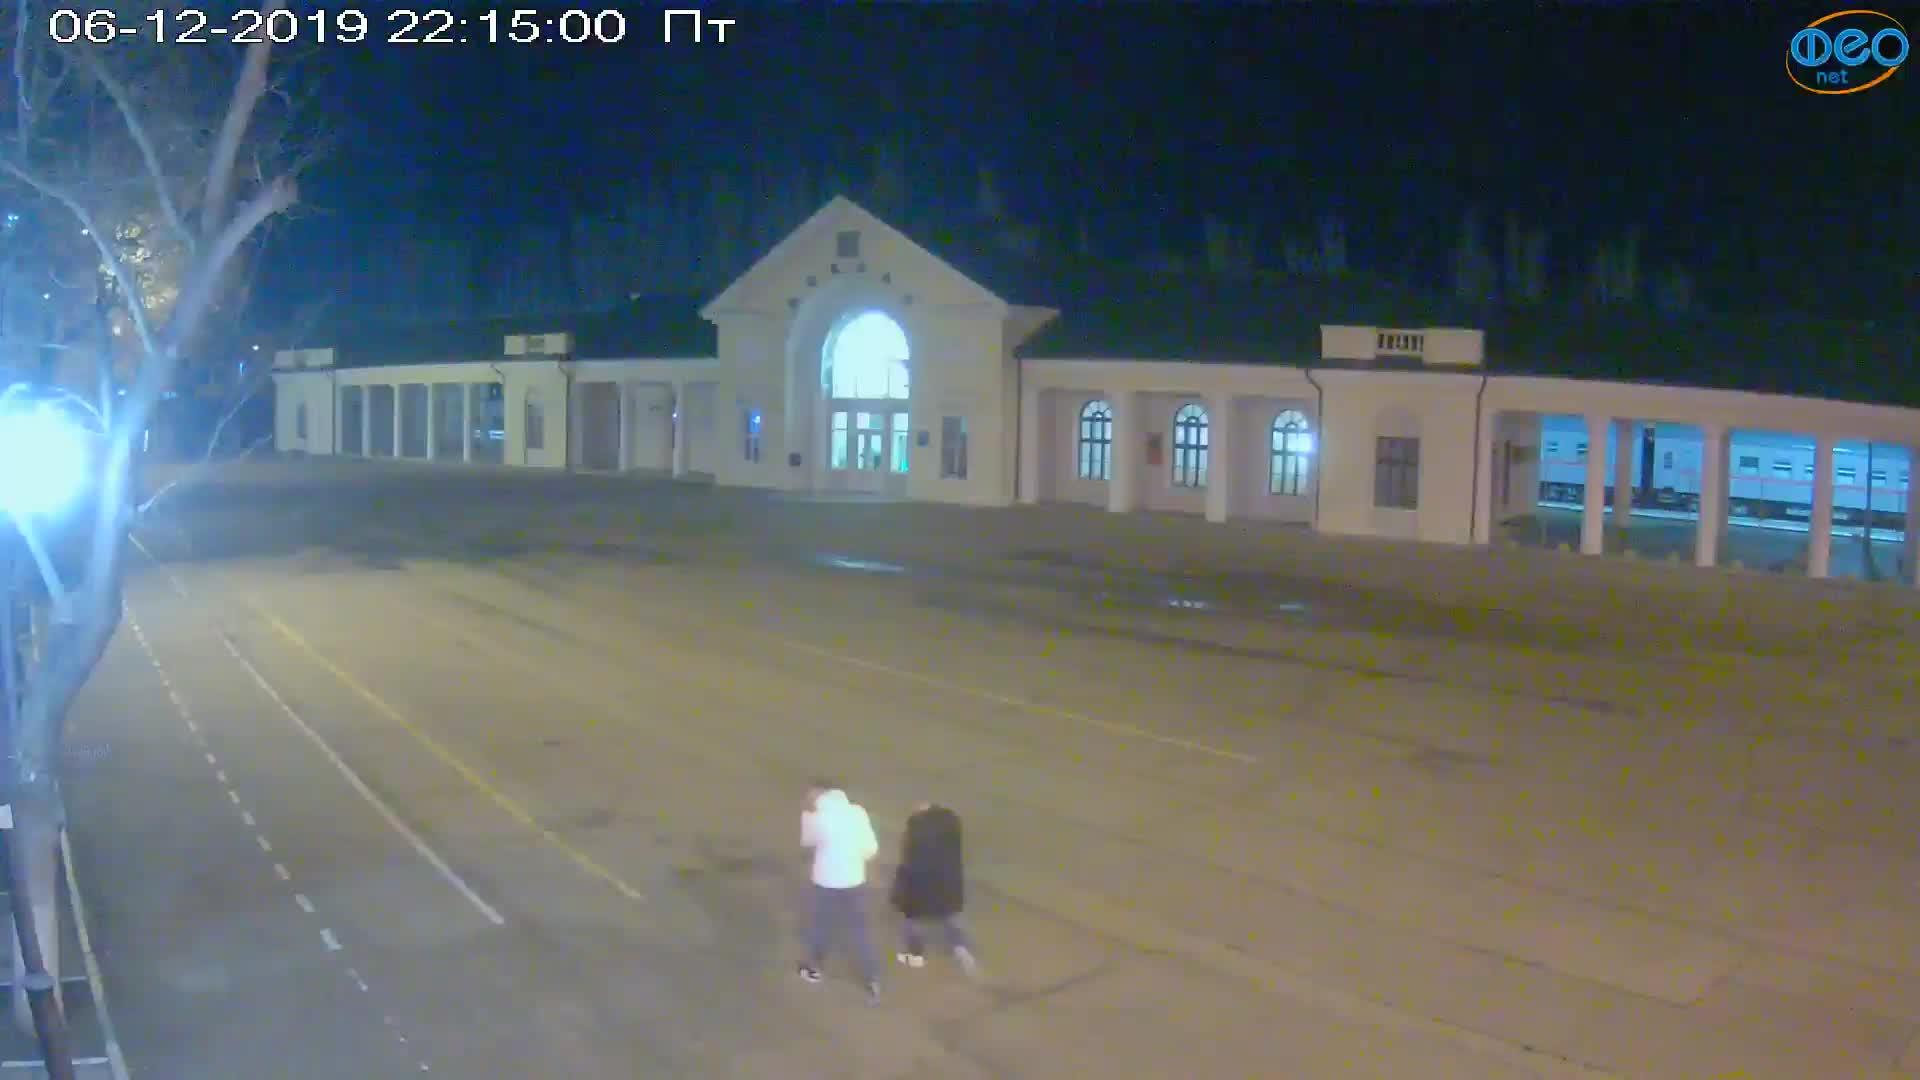 Веб-камеры Феодосии, Привокзальная площадь, 2019-12-06 22:15:23